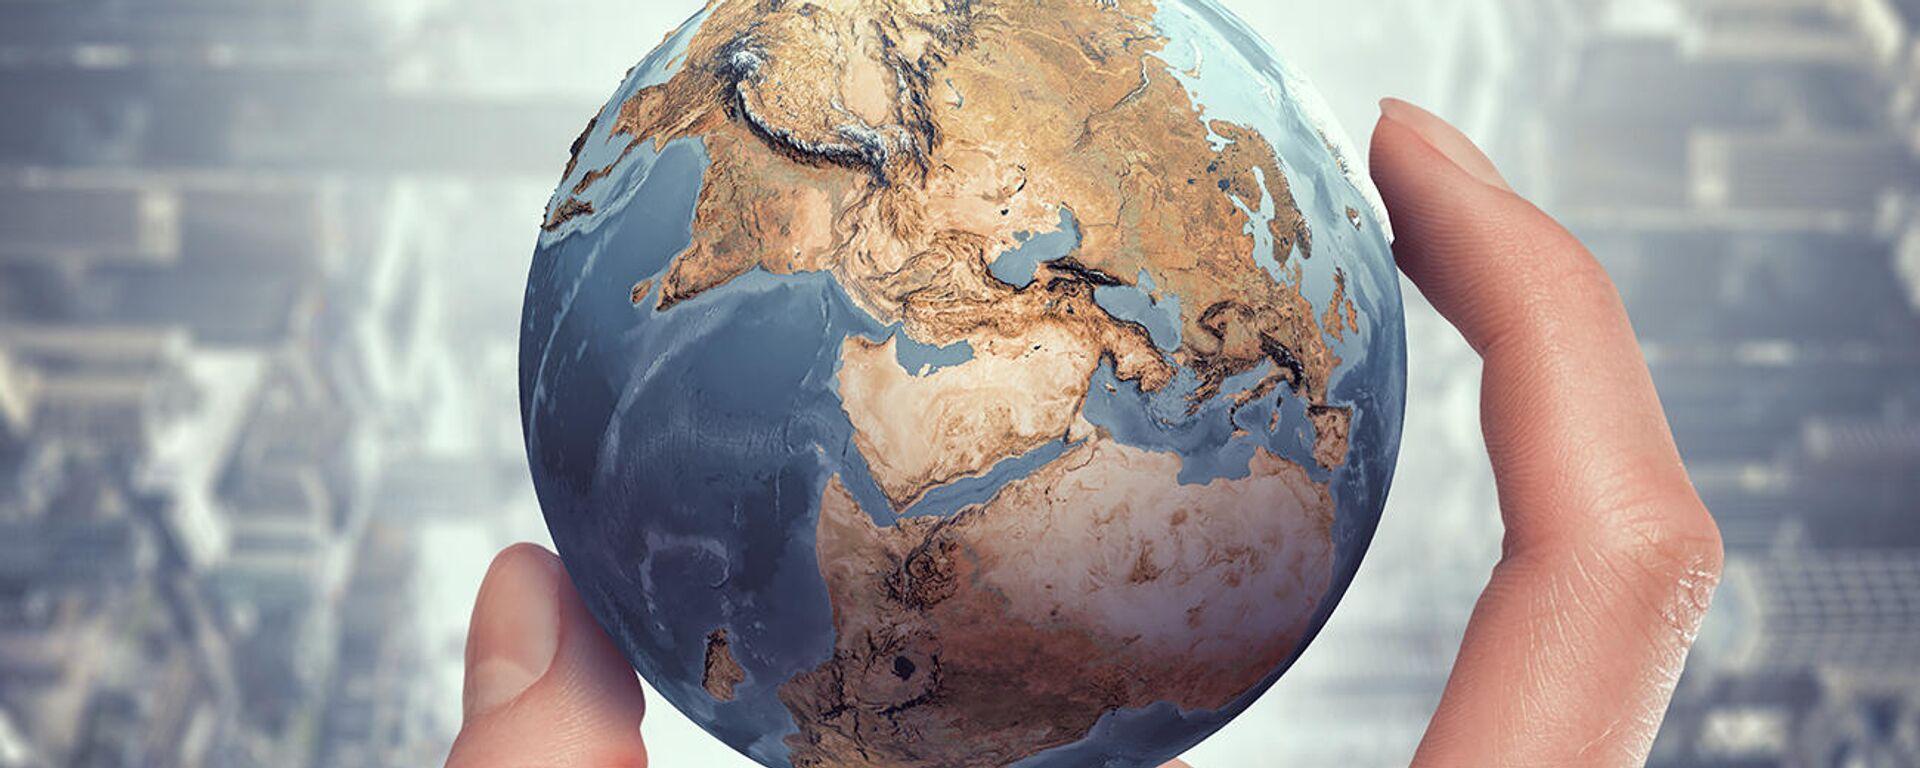 Europa vive en el mundo de fantasía de Narnia sobre la realidad política en Venezuela - Sputnik Mundo, 1920, 04.02.2021